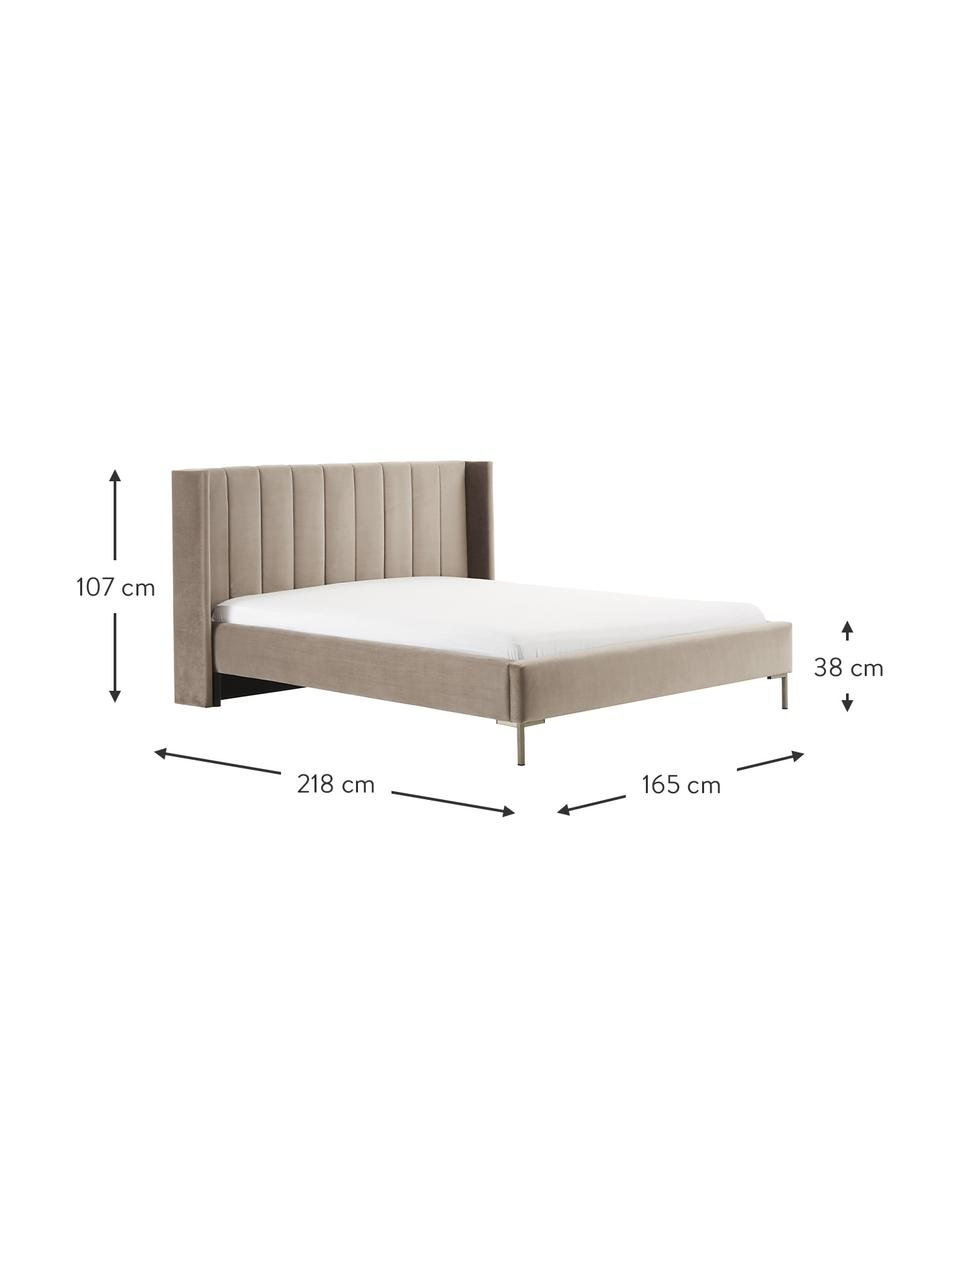 Gestoffeerd fluwelen bed Dusk in bruin, Bekleding: polyester fluweel, Frame: massief grenenhout en pla, Poten: gepoedercoat metaal, Fluweel bruin, 200 x 200 cm